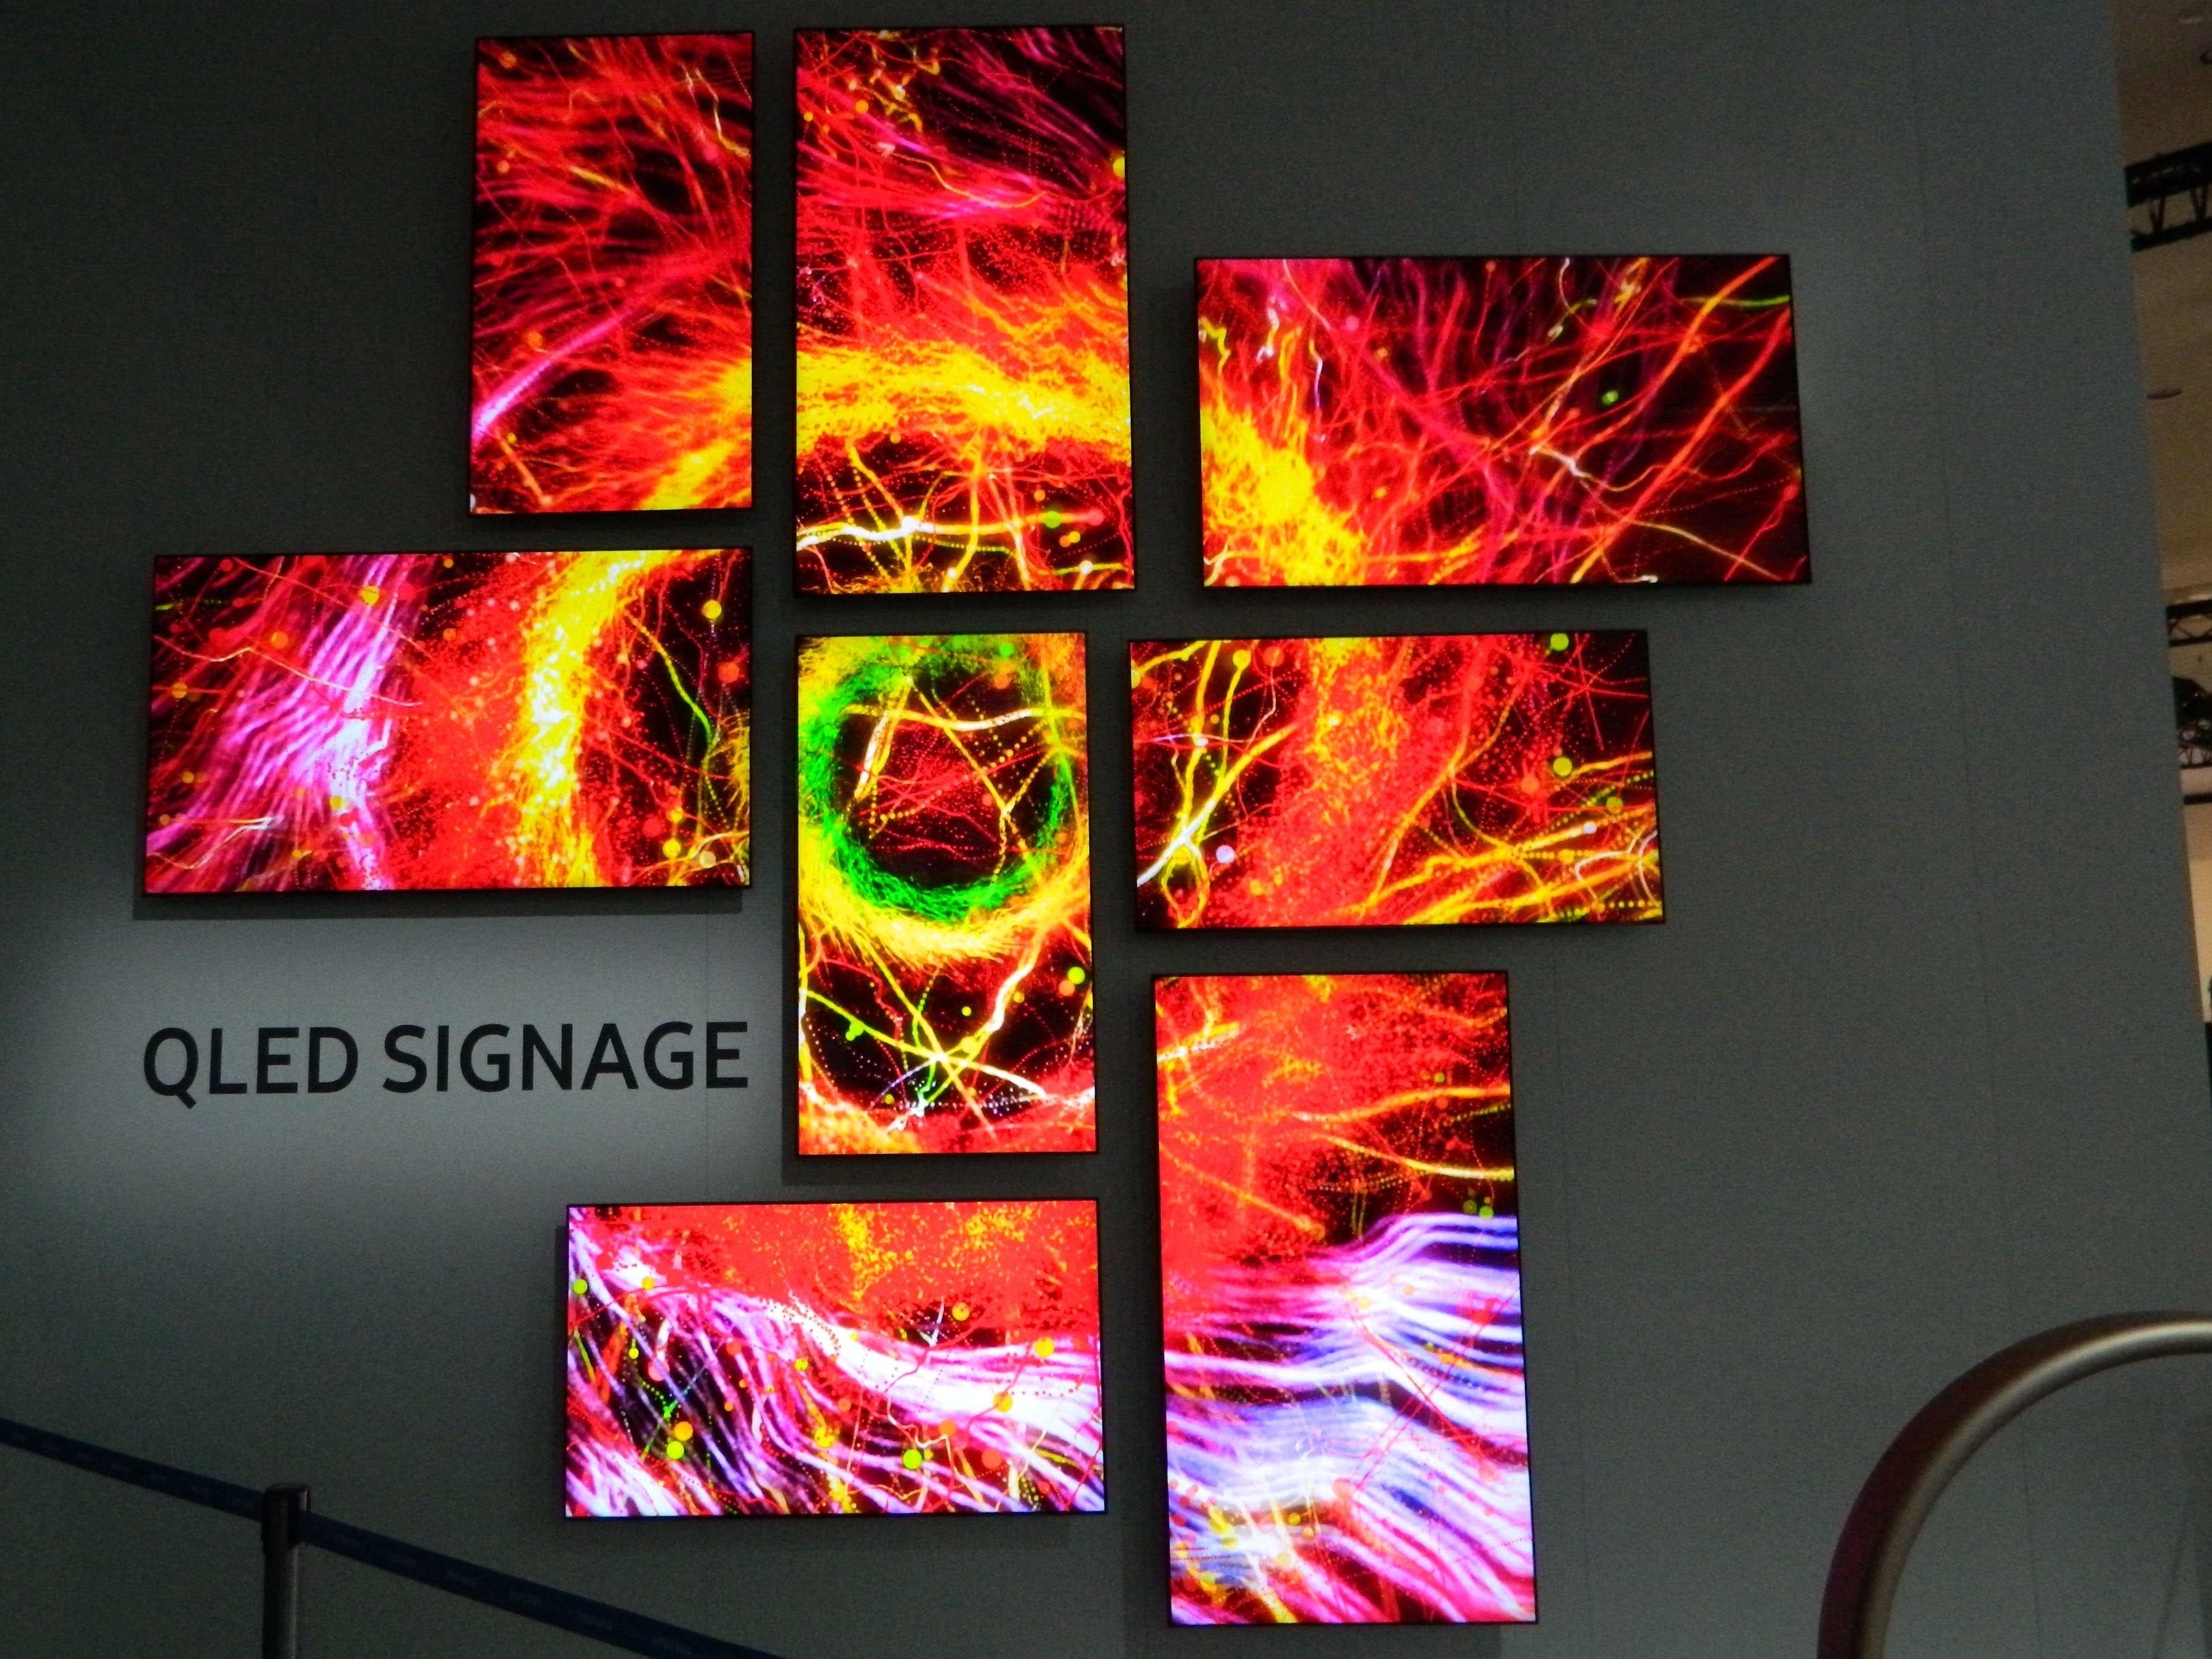 Bildergalerie mit ersten Eindrücken (Bild: LG)